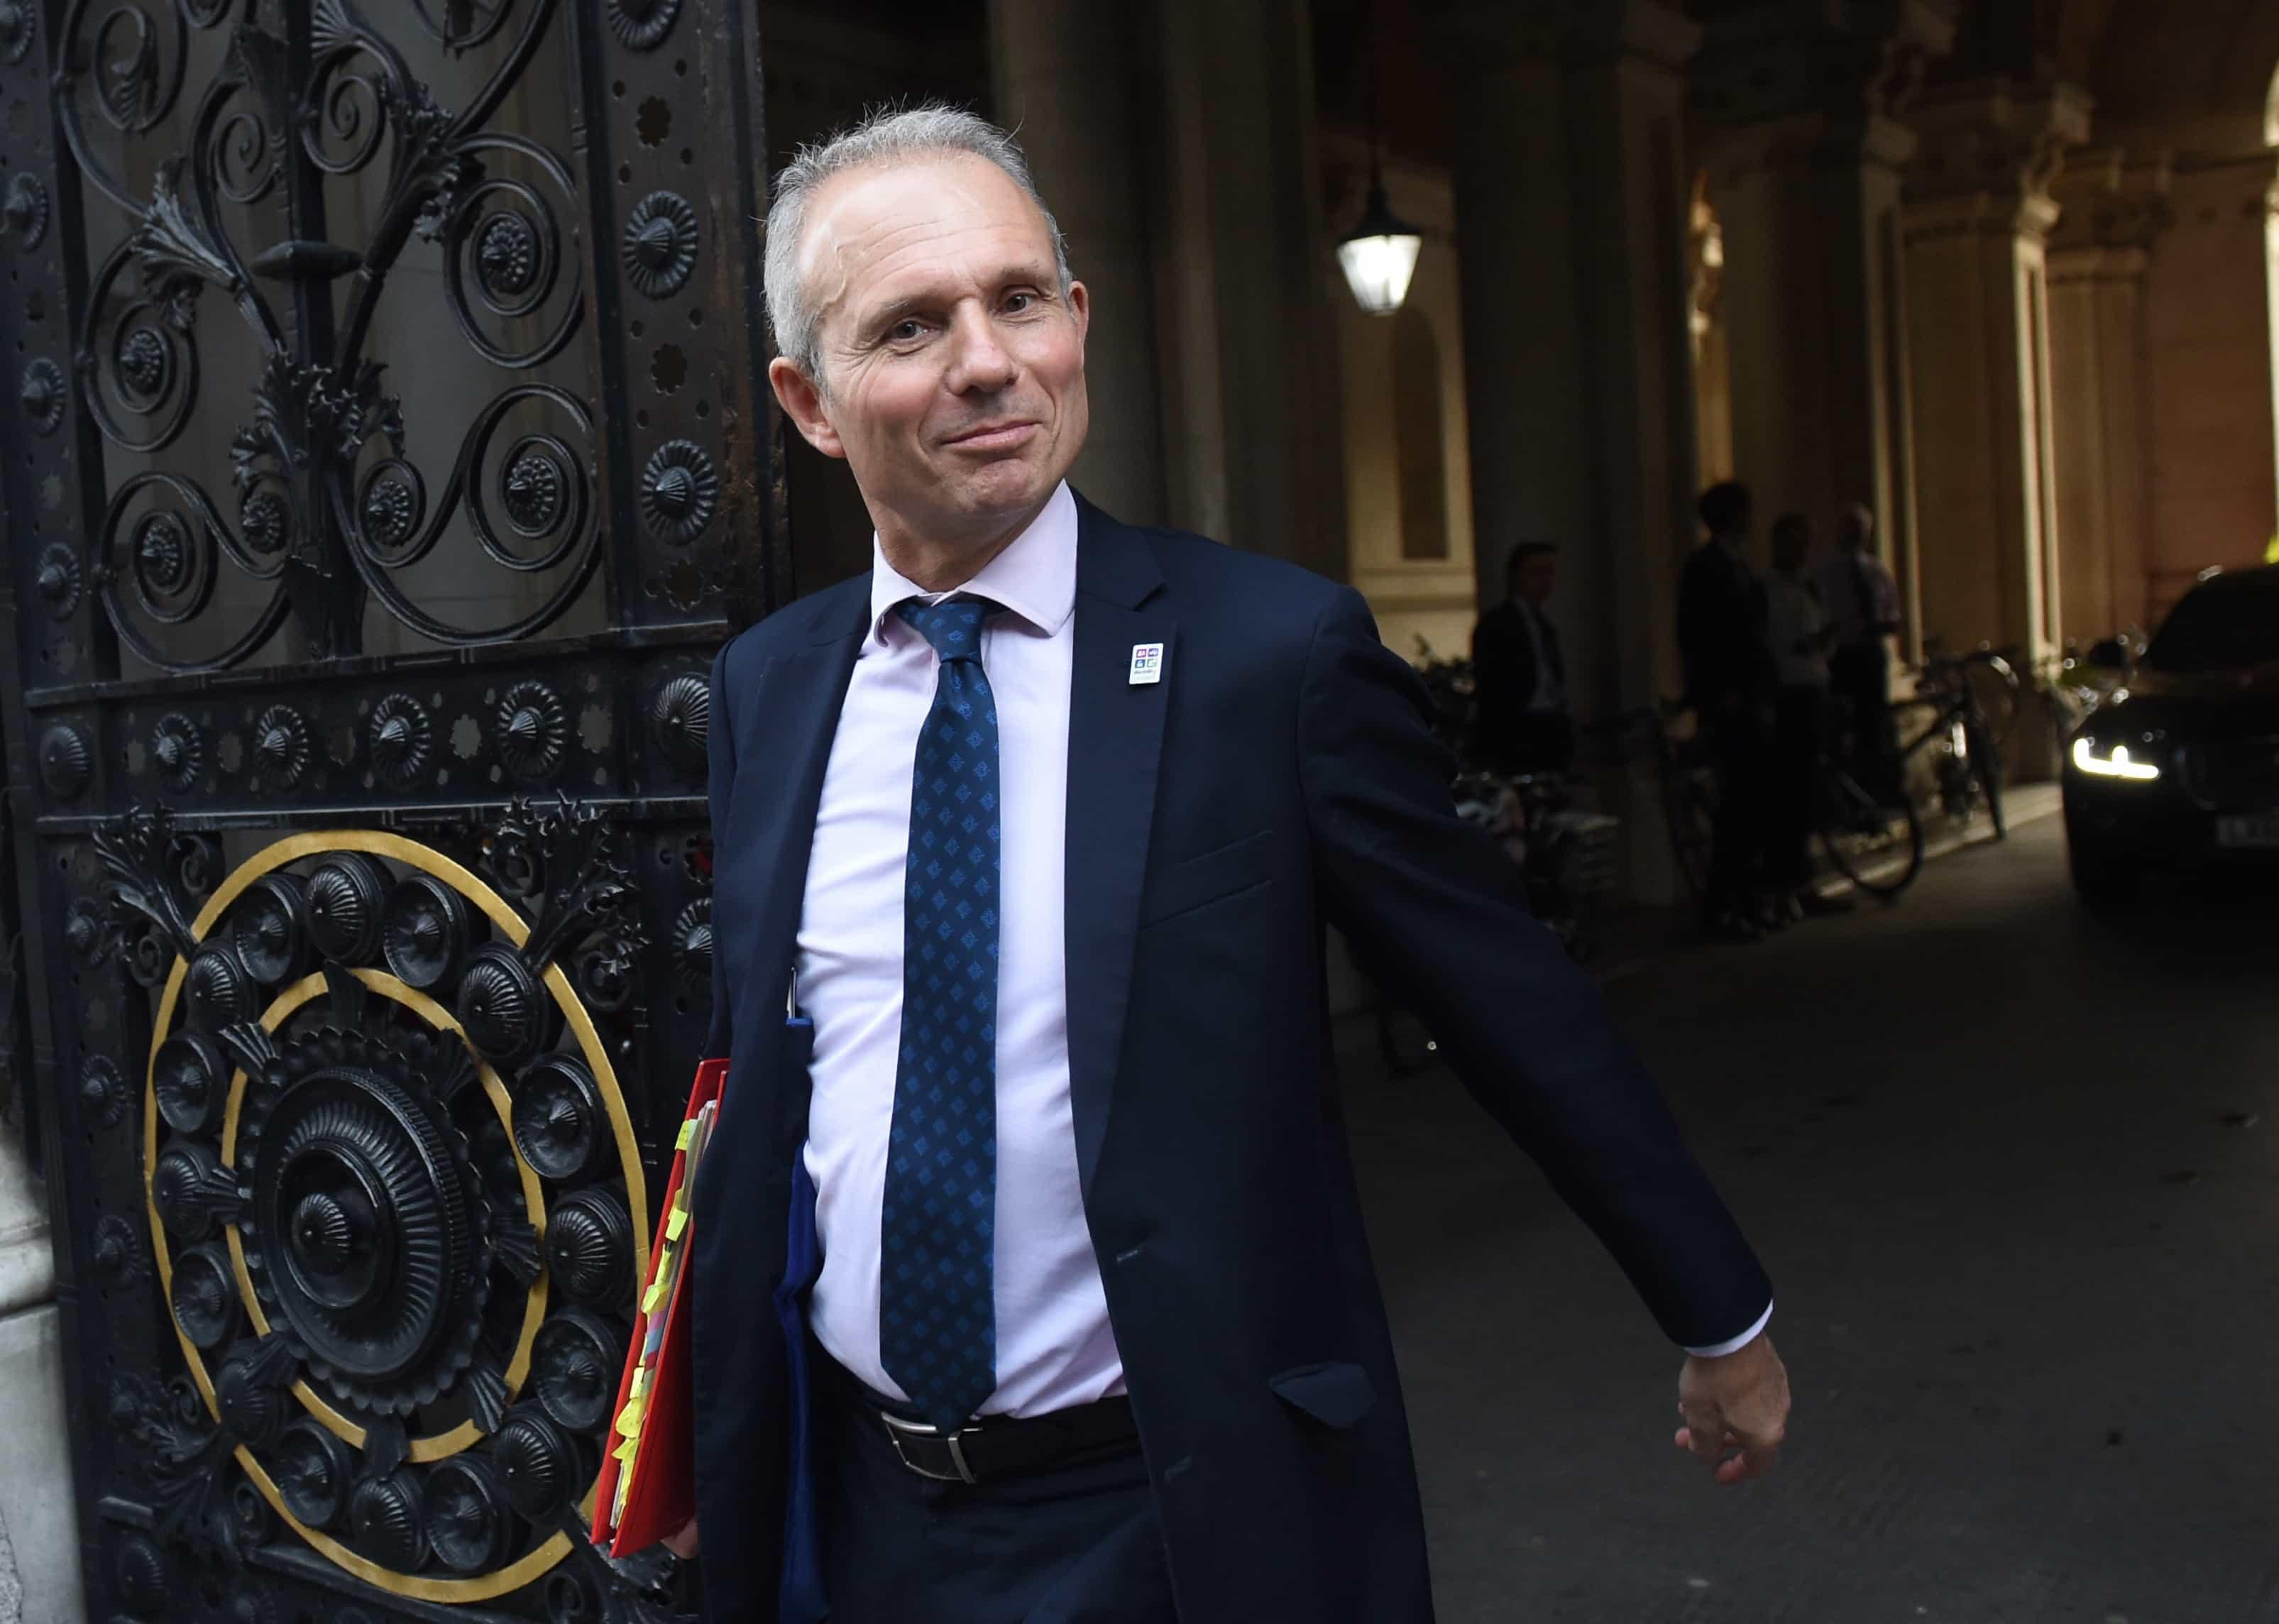 Londres conseguiu alterações legalmente vinculativas ao Acordo de Brexit